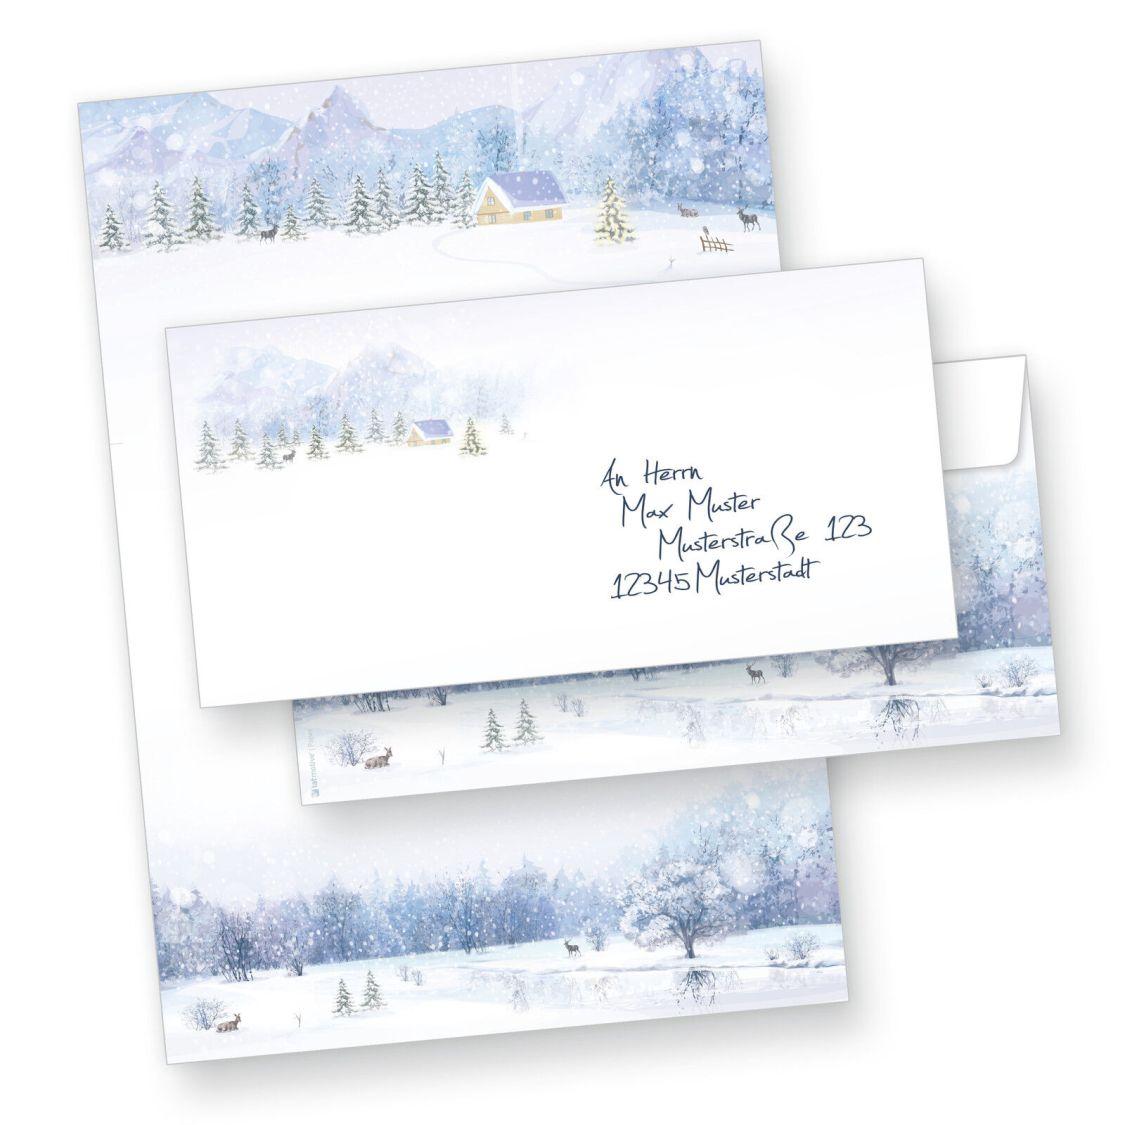 Briefpapier Weihnachten Weiße Weihnacht Weihnachtsbriefpapier optional Umschläge